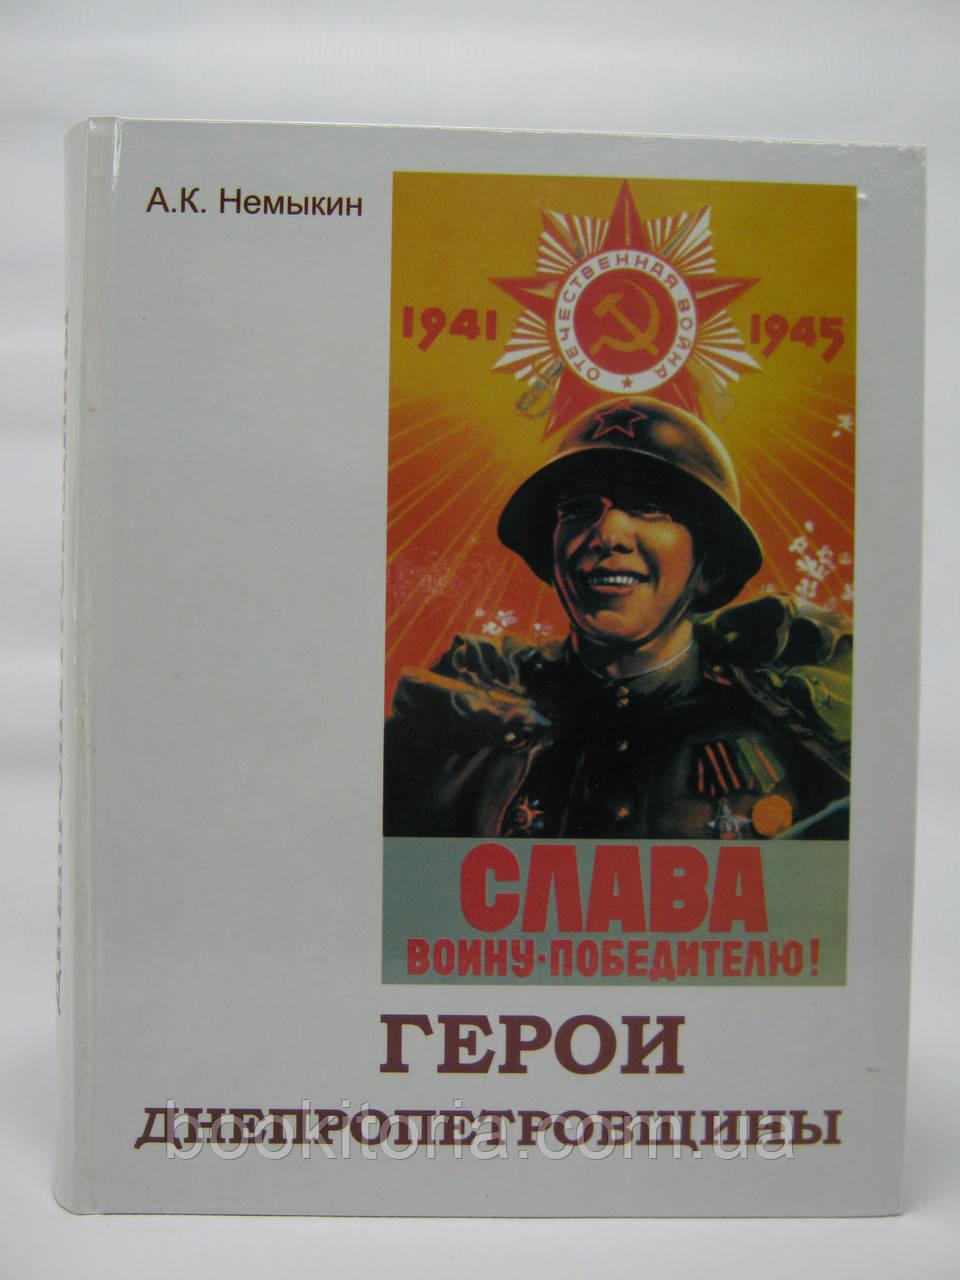 Немыкин А.К. Герои Днепропетровщины (б/у).